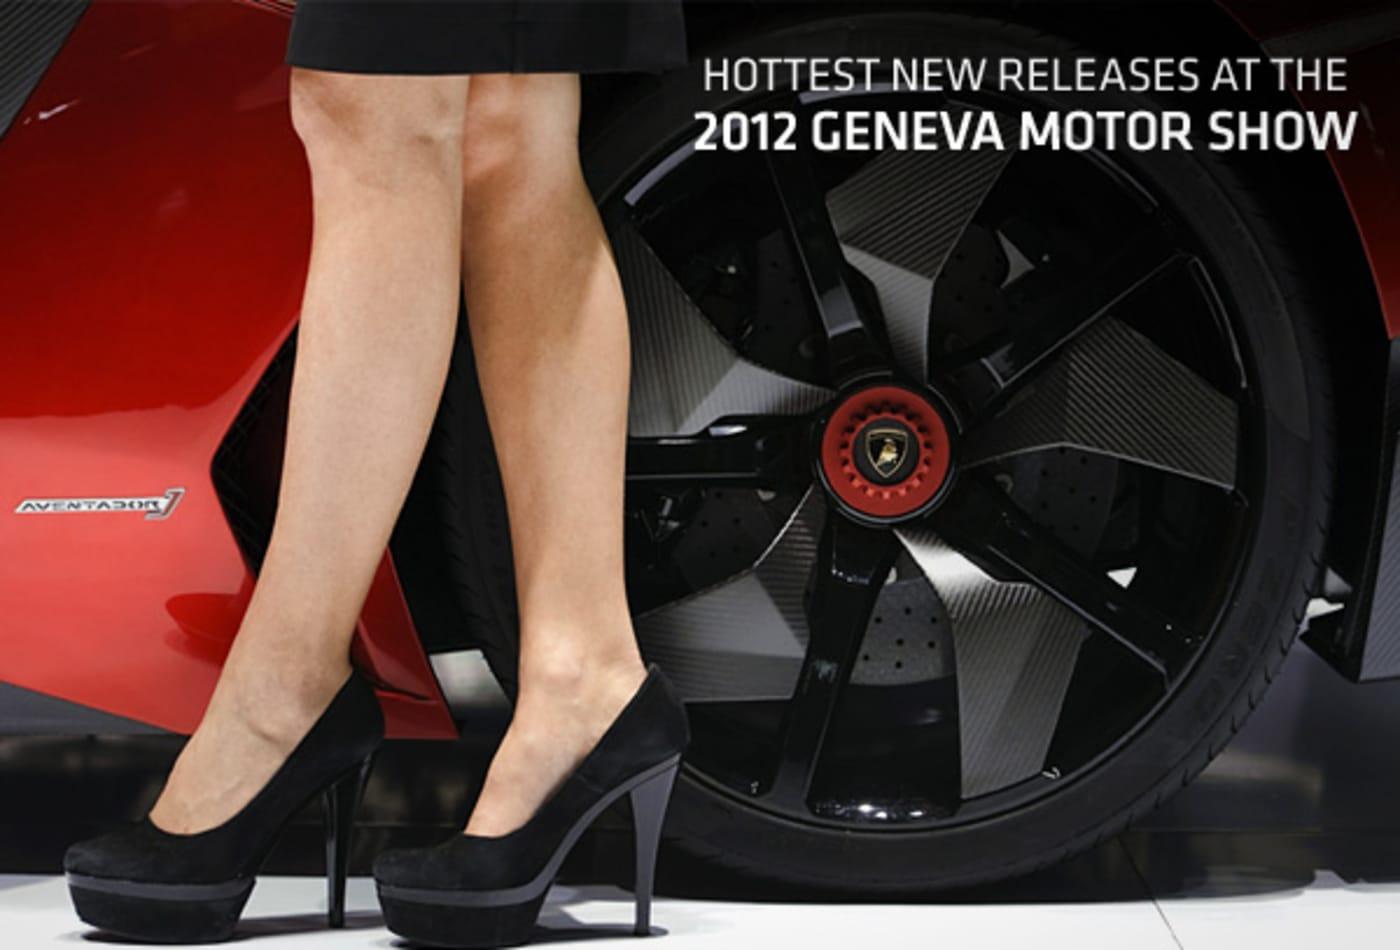 2012-geneva-motor-show-intro.jpg